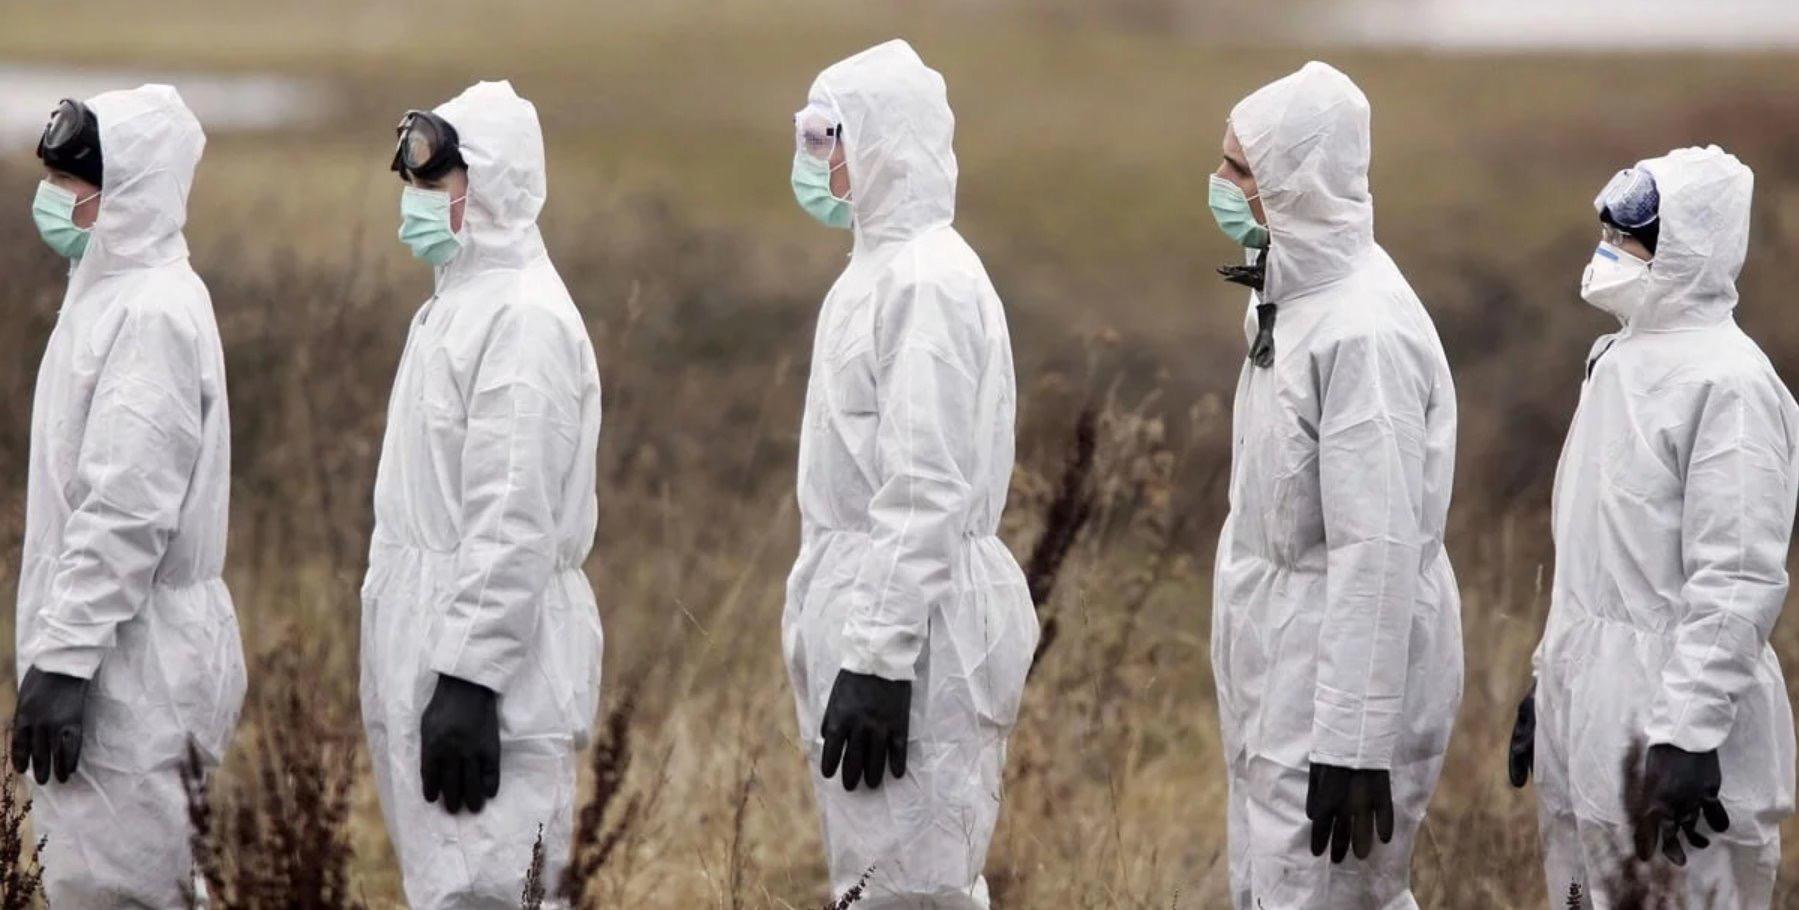 При пандемии вирус передается не просто по цепочке, а по принципу снежного кома. Источник: Стампа